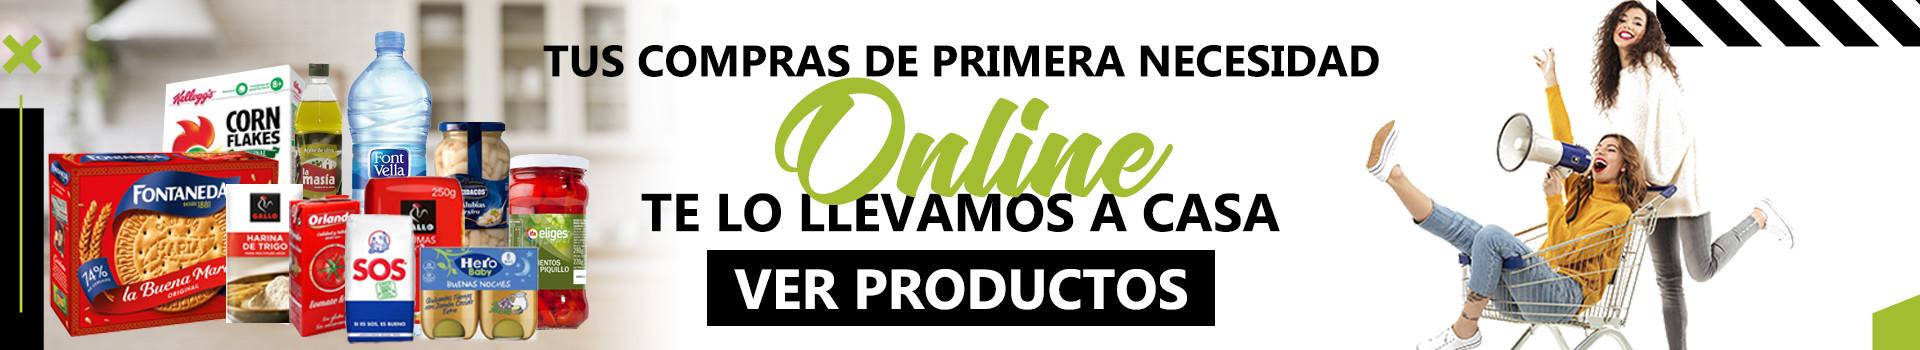 ¡TUS PRODUCTOS DE PRIMERA NECESIDAD DIRECTAMENTE EN CASA!